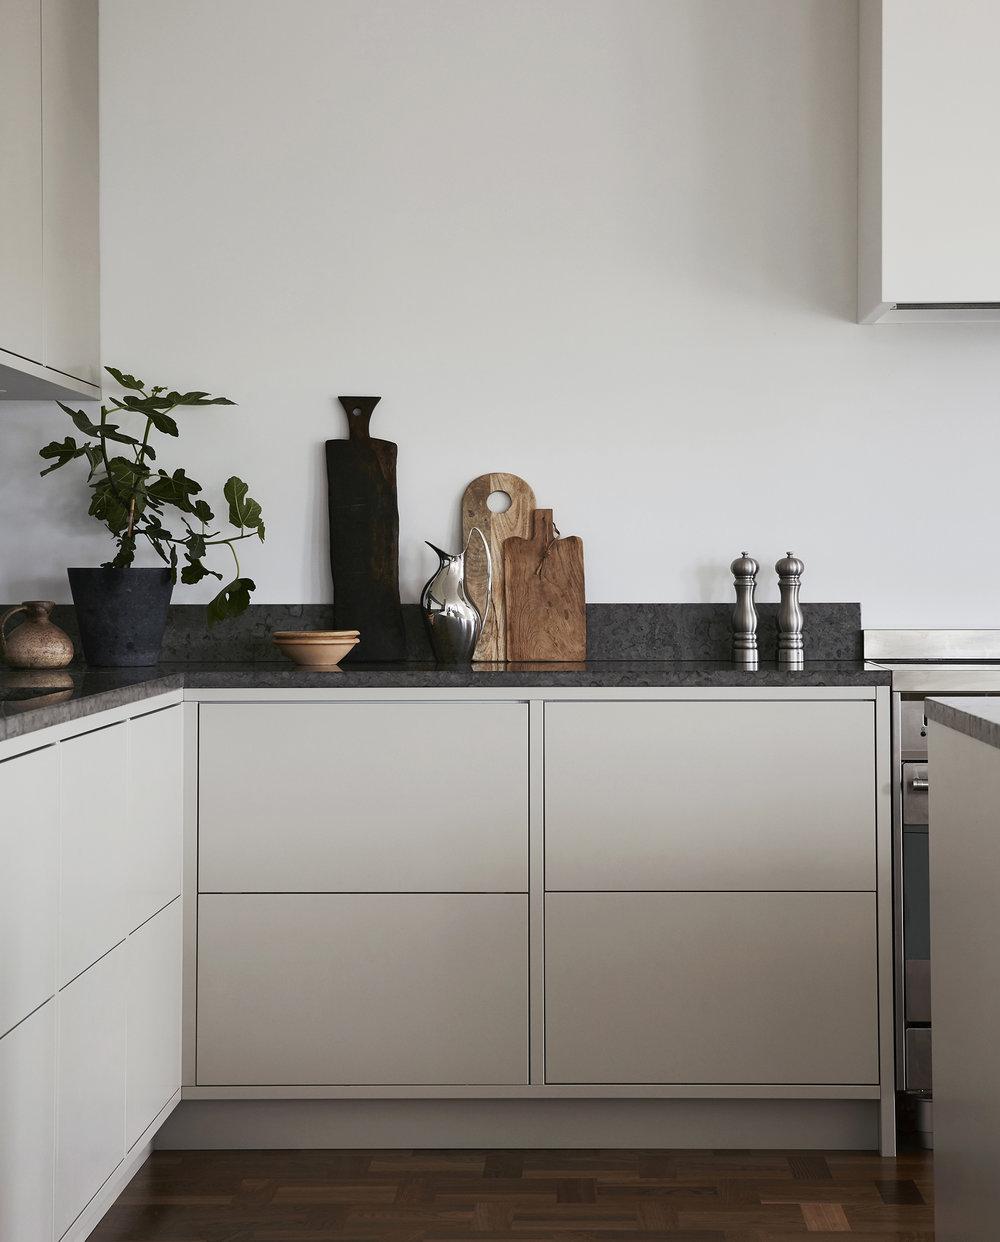 Ett av de mest populära kök vi producerat. De rena linjerna tillsammans med den exklusiv kalkstenen från Kinnekulle ger en unik prägel. Lådbredden anpassat helt efter rummets utformning. 3 + 3m kök + köksö   Prisexempel i grundutförande ca 95.000 - 125.000 sek    Se fler bilder